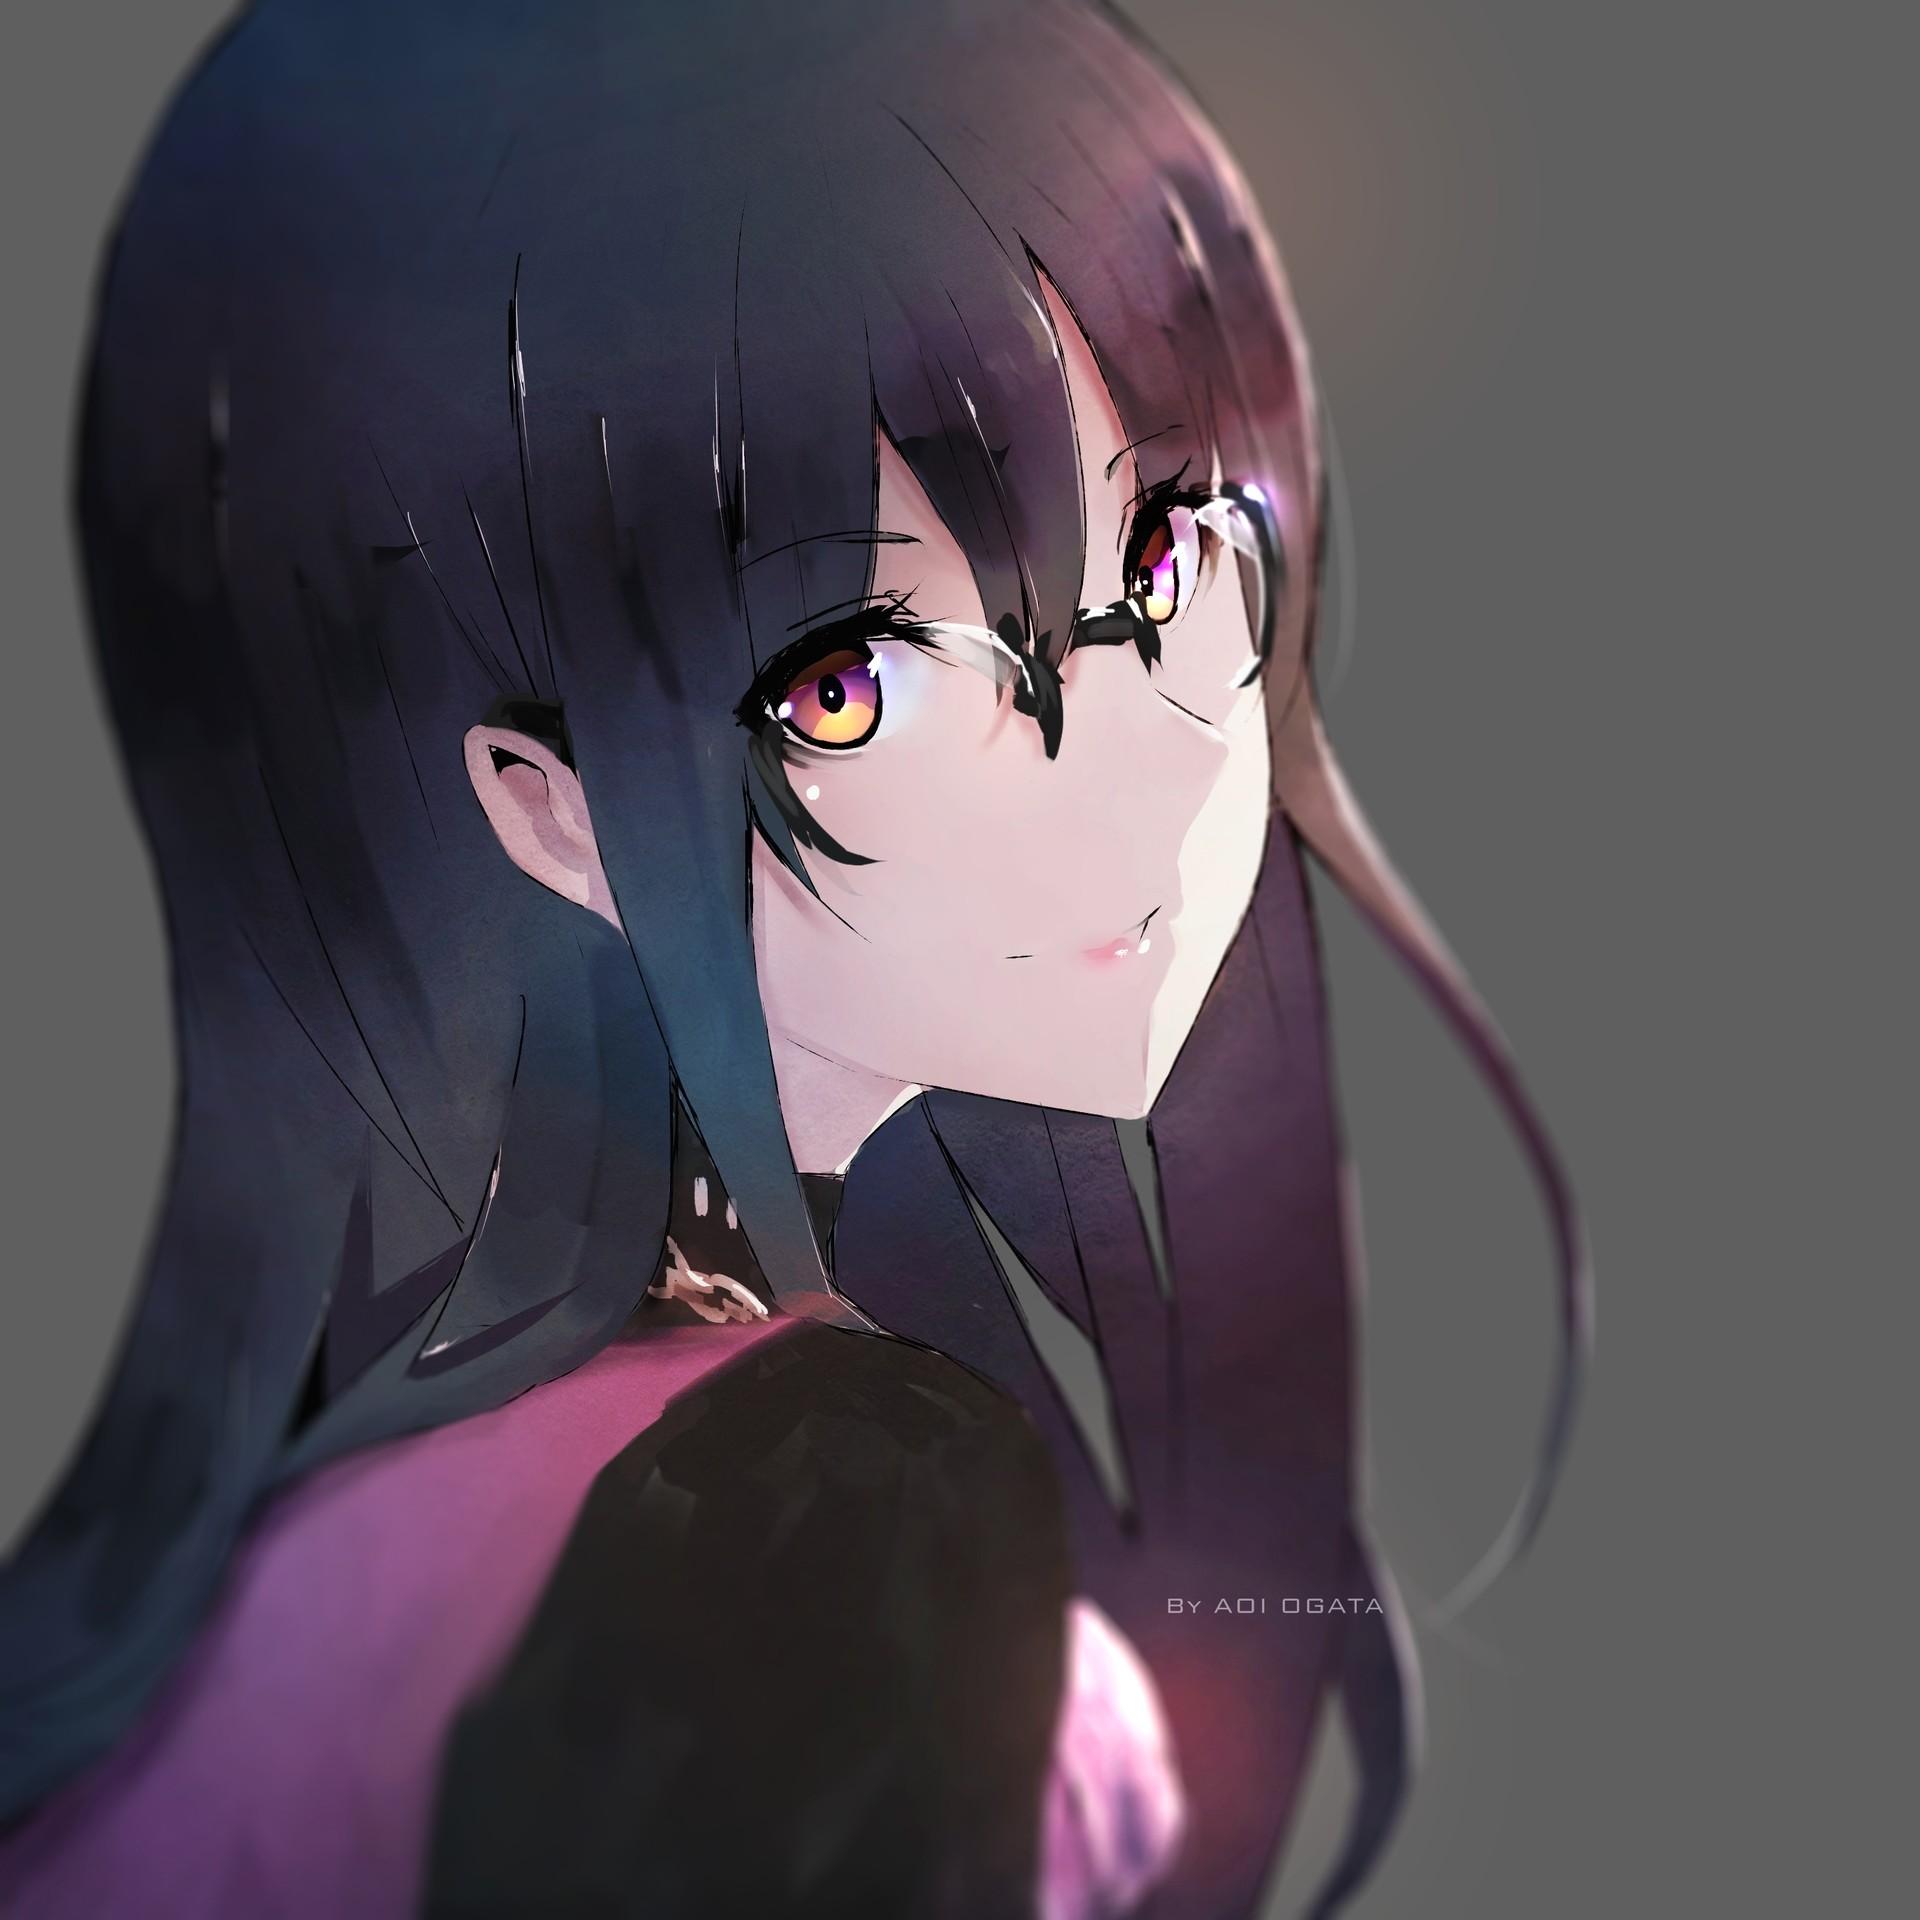 Aoi ogata luce